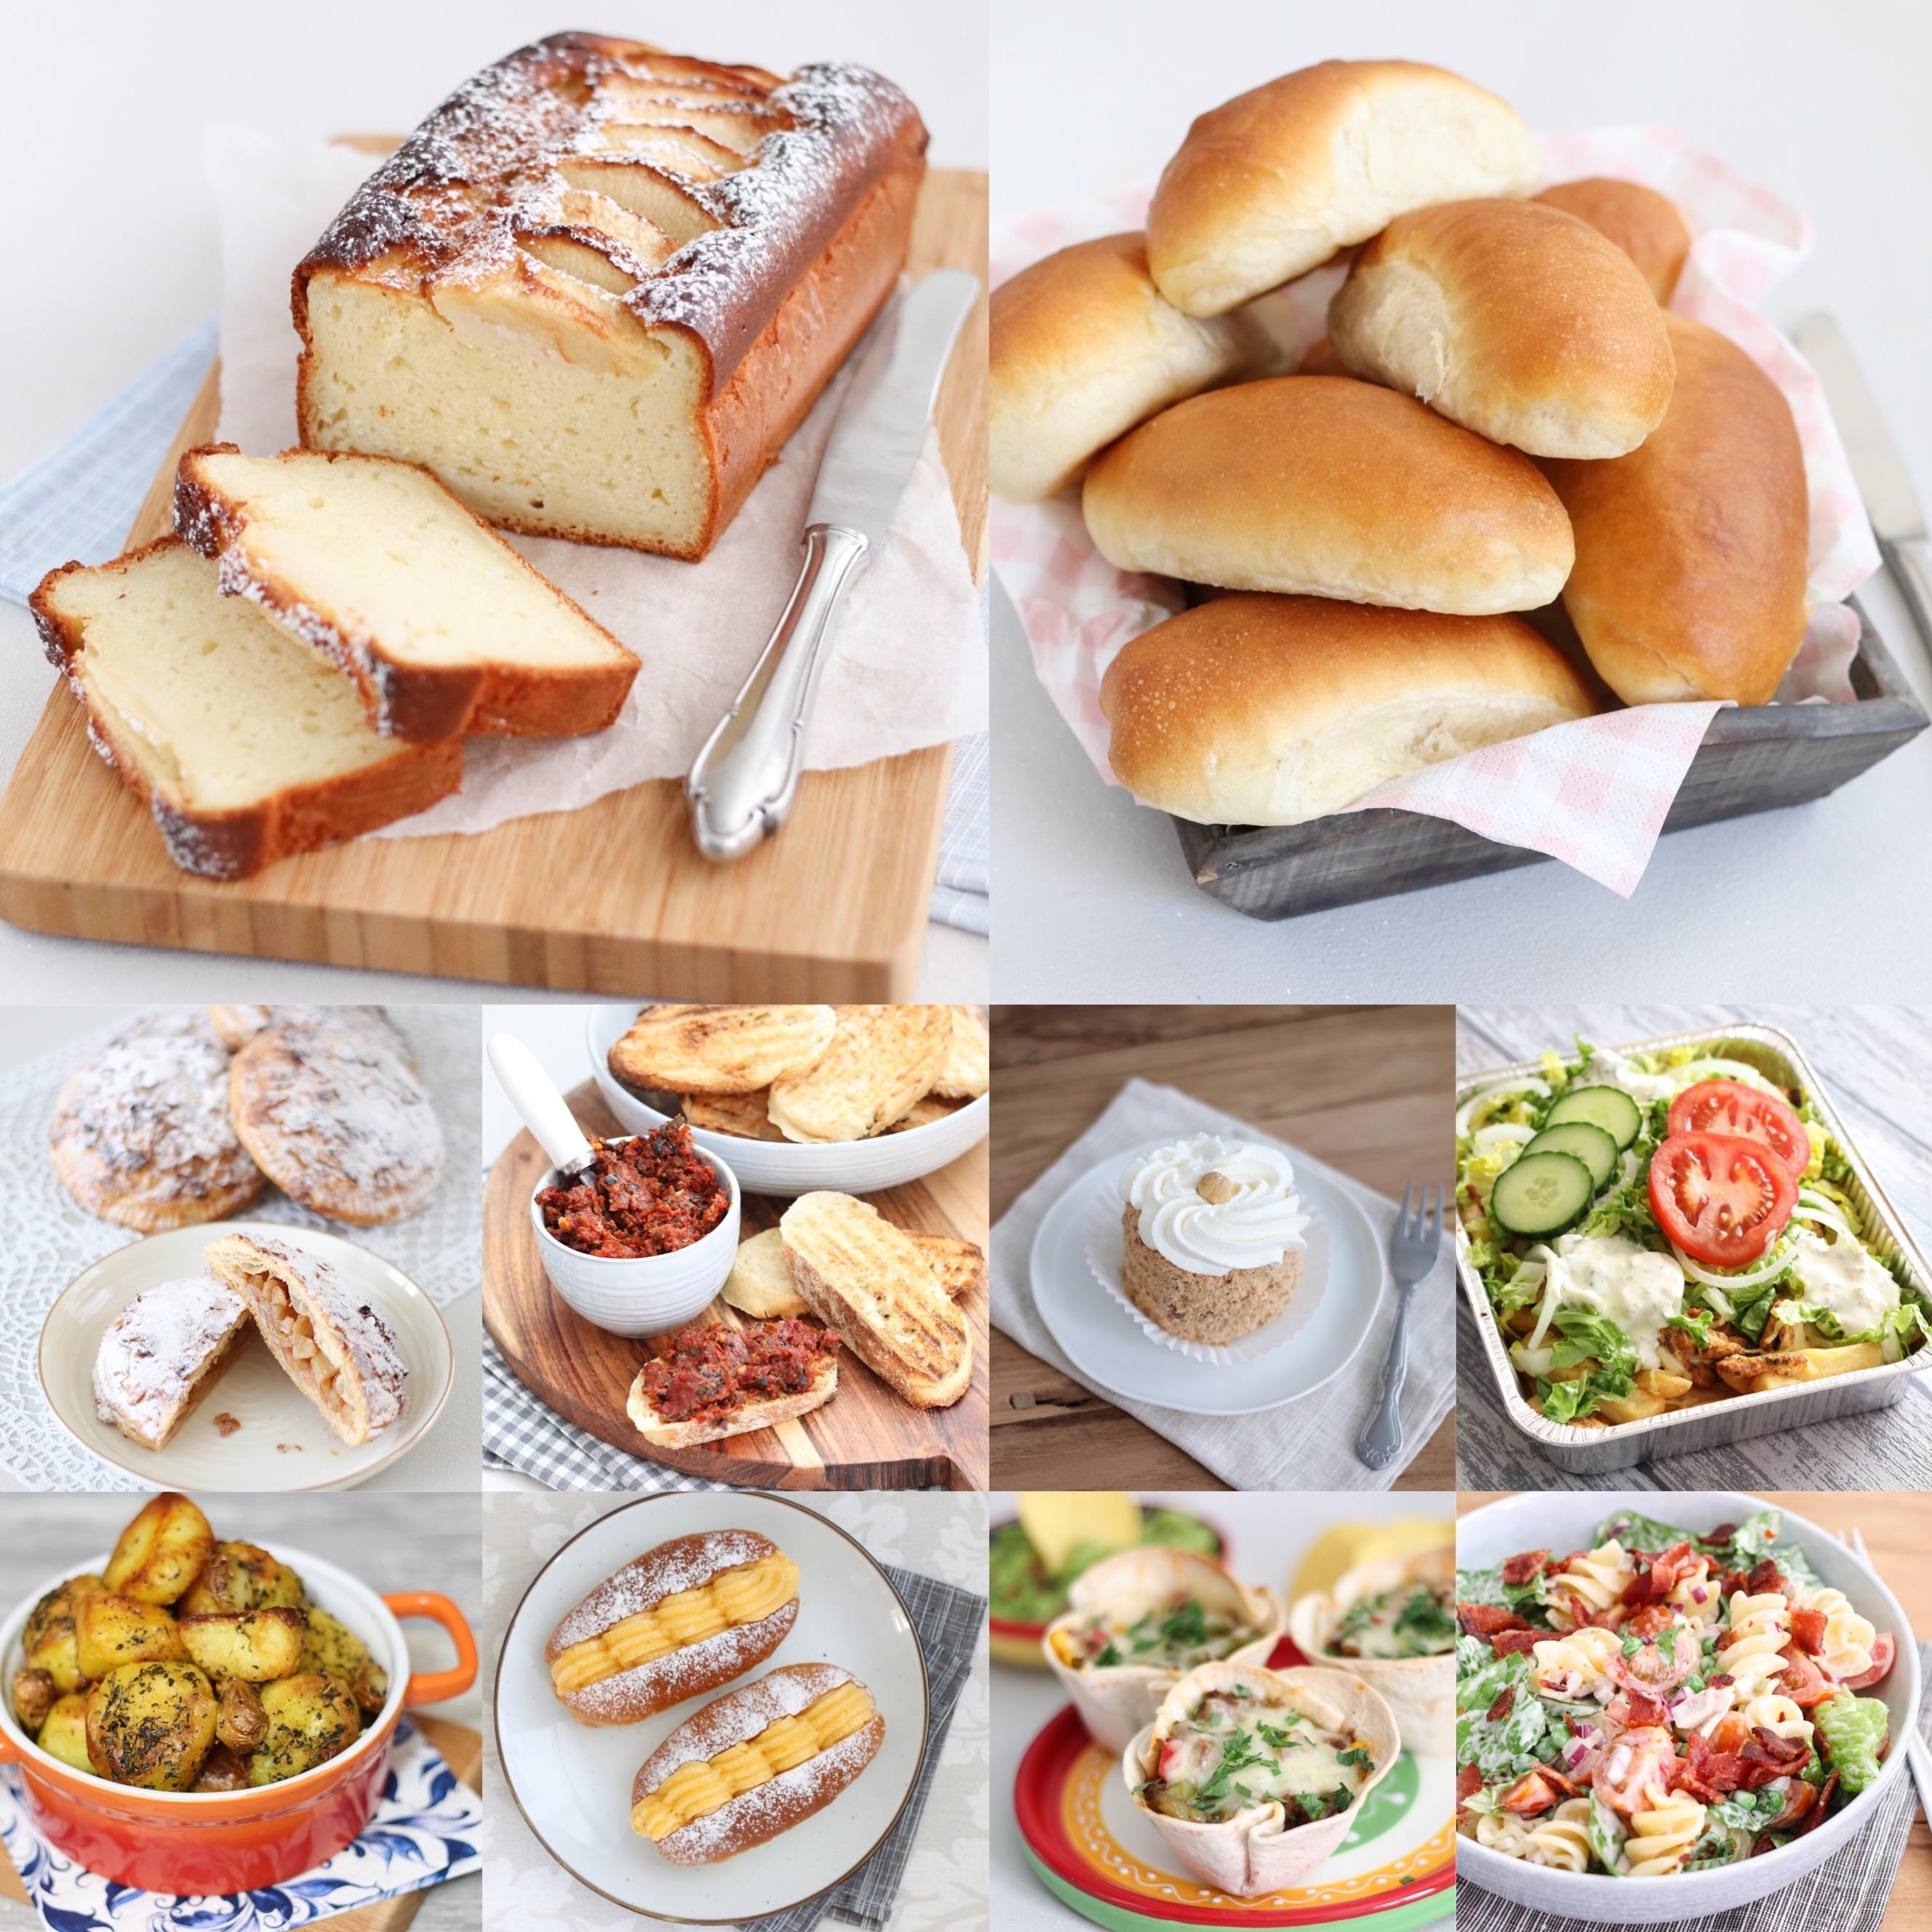 De 10 meest bekeken recepten van juli 2018